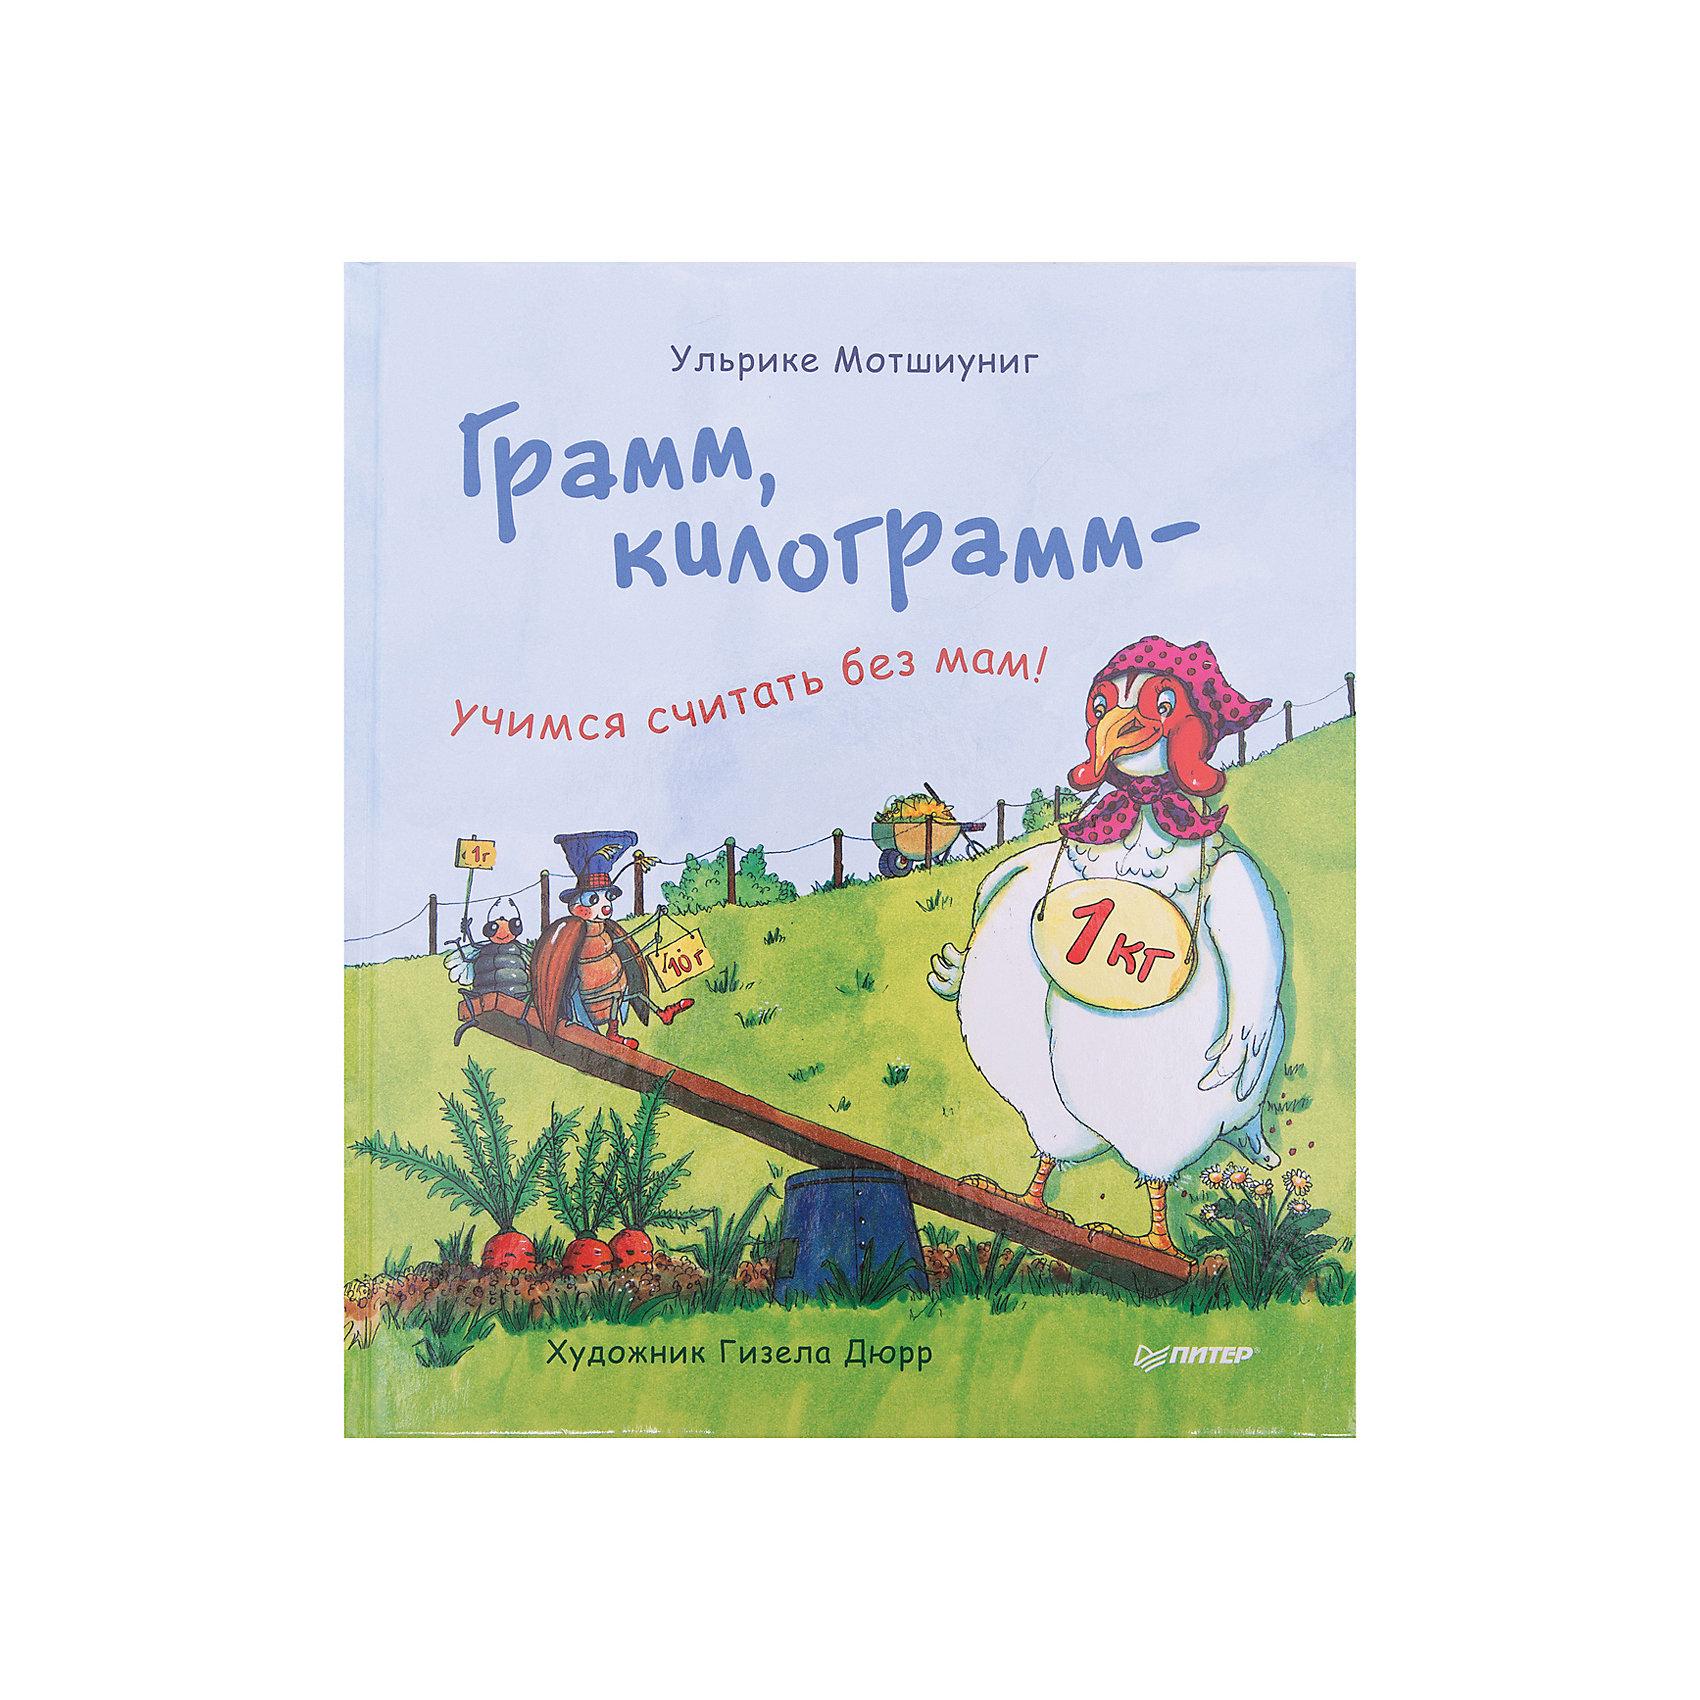 Книга Грамм, килограмм- учимся считать без мам!Пособия для обучения счёту<br>Характеристики товара:<br><br>•  количество страниц: 32;<br>• формат: 60х90/8;<br>• размер: 24,9х11,6х0,7 см;<br>• обложка: твердая;<br>• автор: Ульрике Мотшиуниг;<br>• ISBN:  978-5-496-02996-4;<br>• размер упаковки: 4х22,1х29,8 см;<br>• вес: 246 грамм.<br><br>«Грамм, килограмм - учимся считать без мам!» - обучающая книга для детей от трех лет. Ребенок познакомится с единицами измерения веса, а затем смастерит весы самостоятельно.<br><br>Информация представлена в виде рассказа о мухе, которая хотела прыгать на батуте, но не смогла сделать это без помощи своих друзей.<br><br>Книгу Грамм, килограмм- учимся считать без мам! можно купить в нашем интернет-магазине.<br><br>Ширина мм: 298<br>Глубина мм: 221<br>Высота мм: 40<br>Вес г: 246<br>Возраст от месяцев: 12<br>Возраст до месяцев: 2147483647<br>Пол: Унисекс<br>Возраст: Детский<br>SKU: 5576695